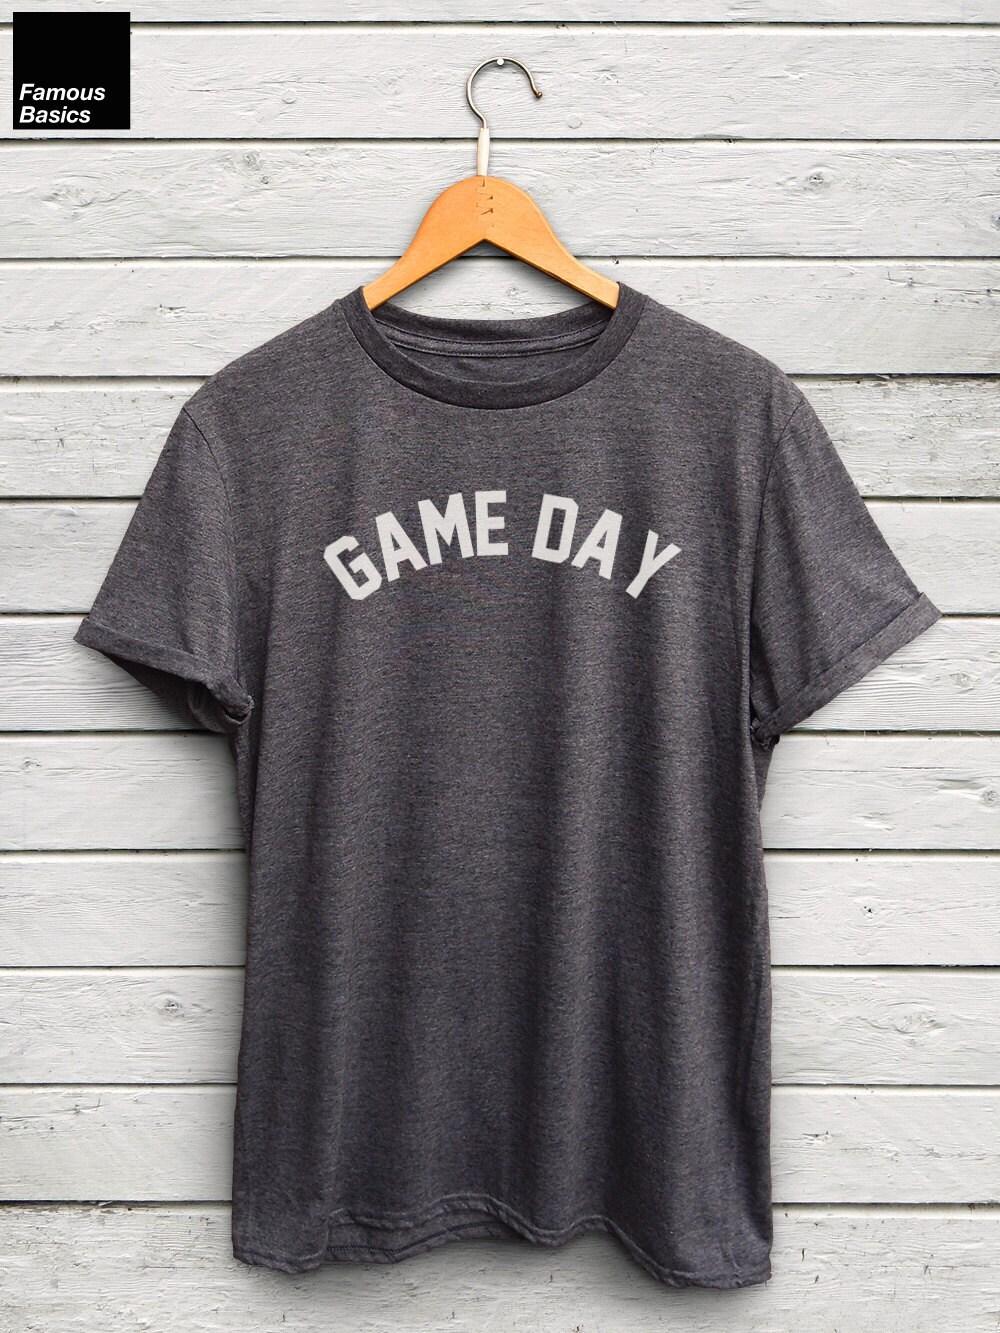 Game Day Shirt - Baseball Tshirt Football Tshirt Soccer Mom Tshirt Football Mom Tshirts Baseball Mom Shirts Game Day Tshirt Unisex Tshirt